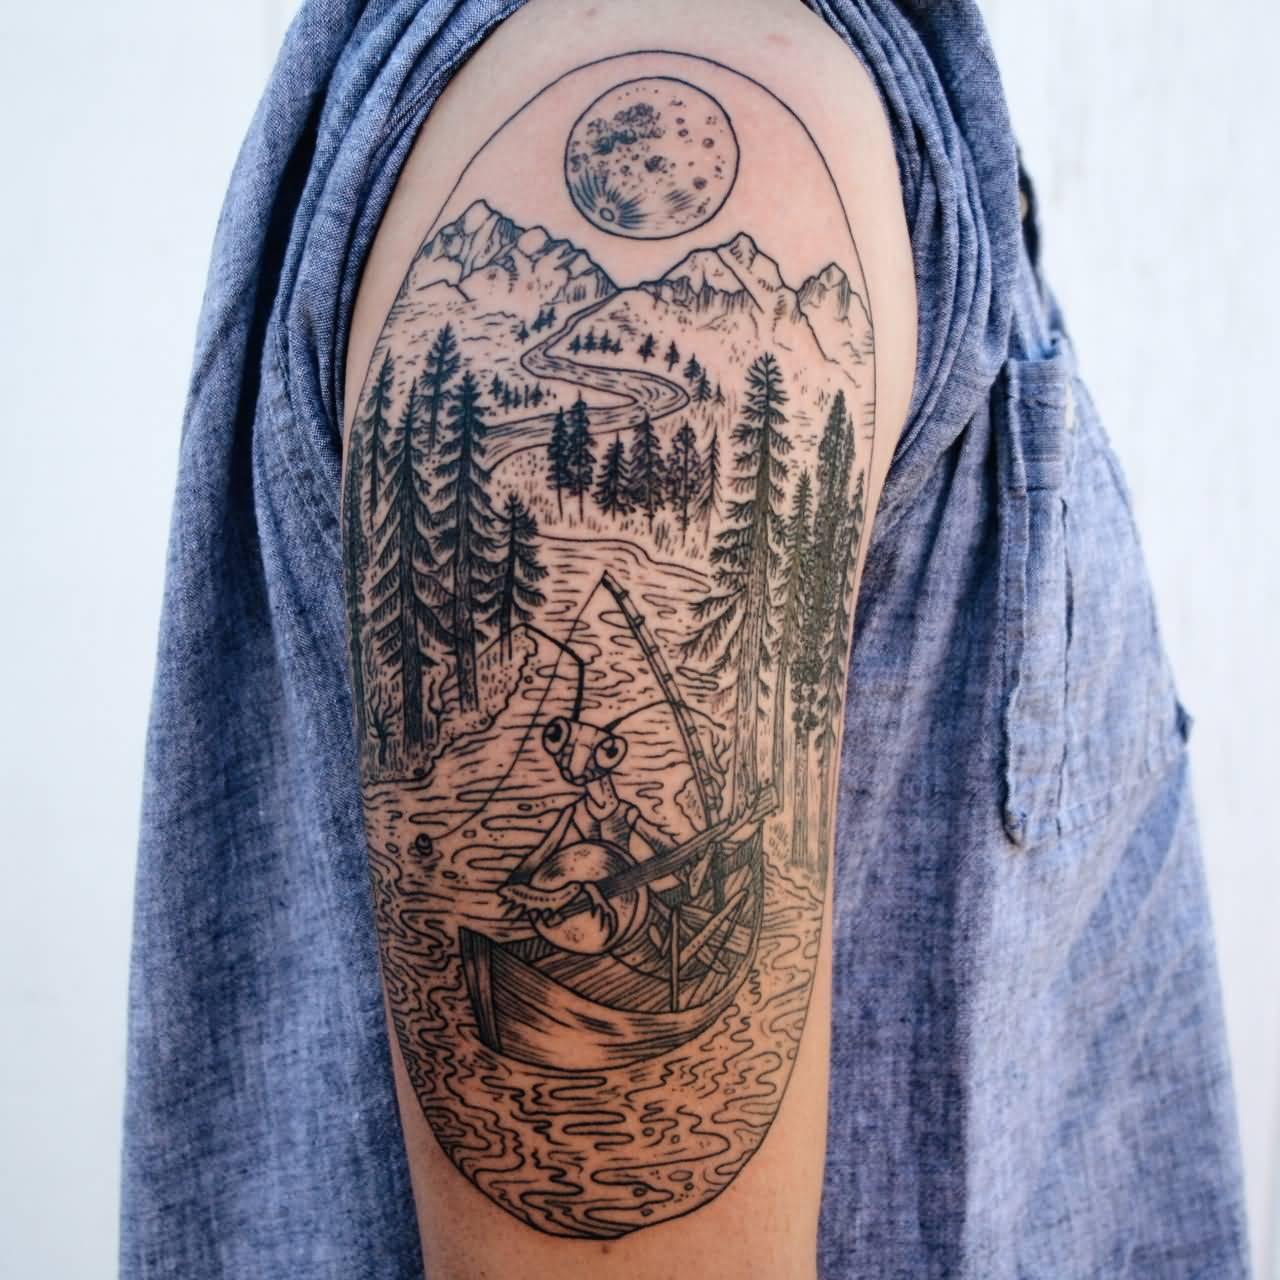 Minimalist Nature Tattoos Half Sleeve